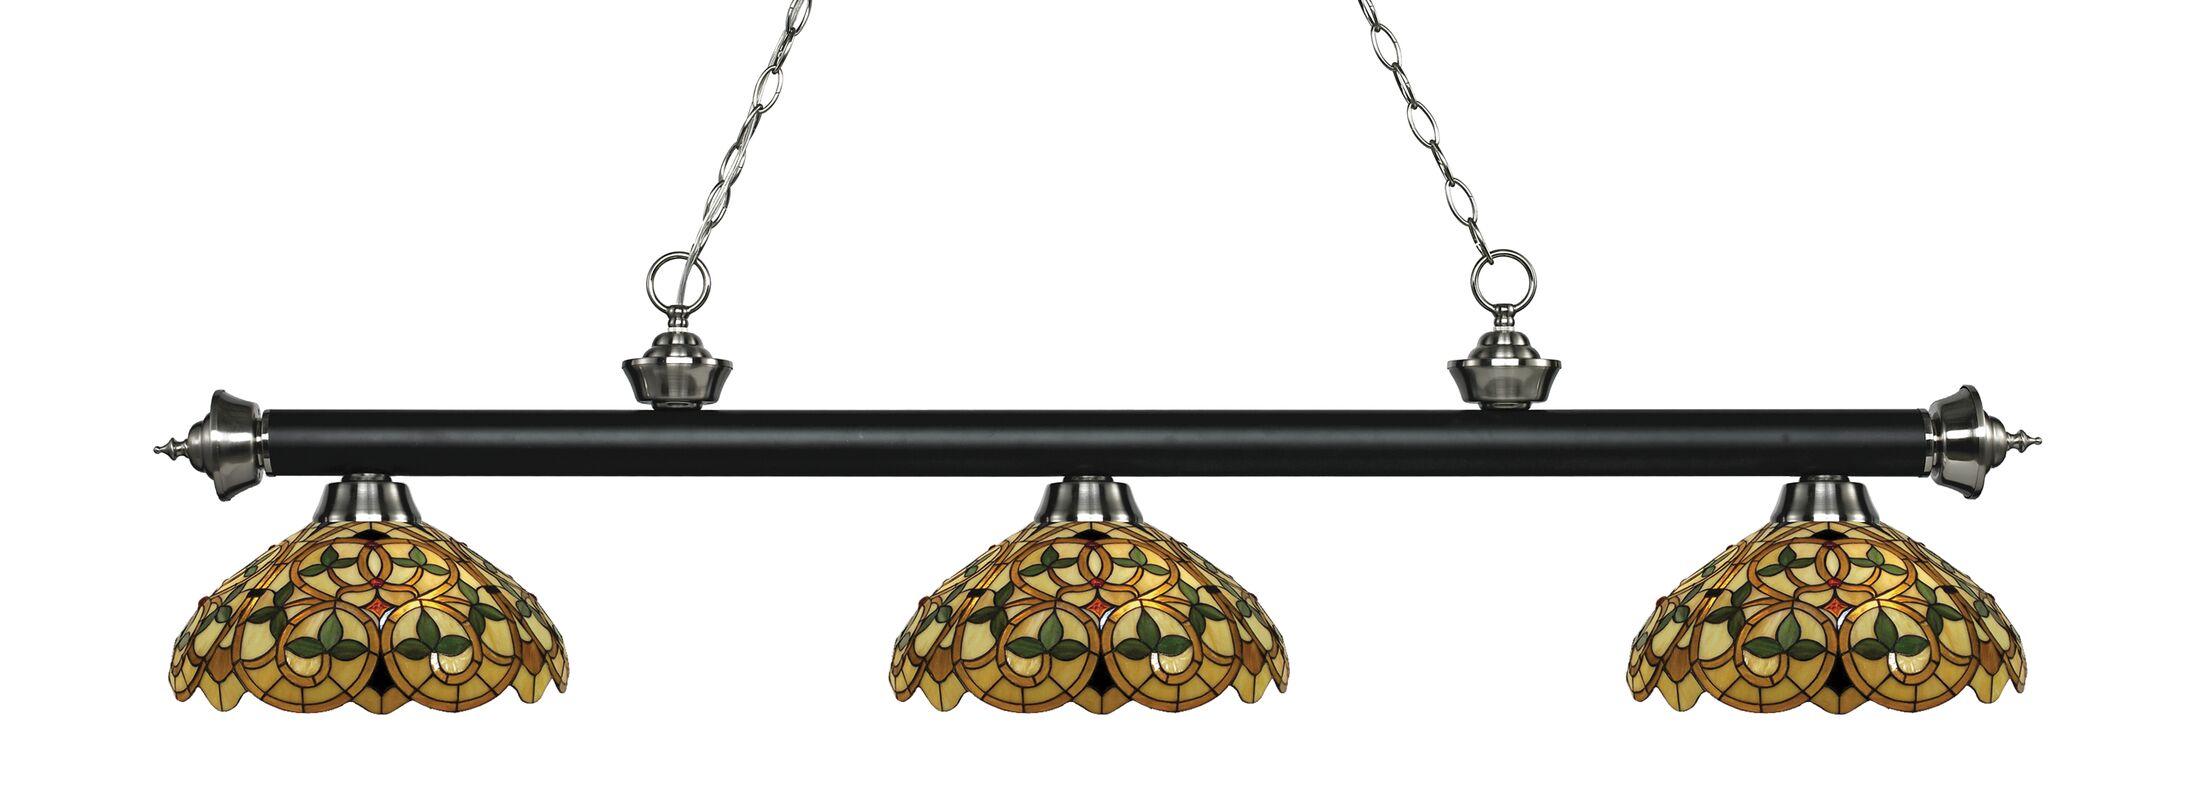 Billington 3-Light Billiard Light Color: Matte Black / Brushed Nickel